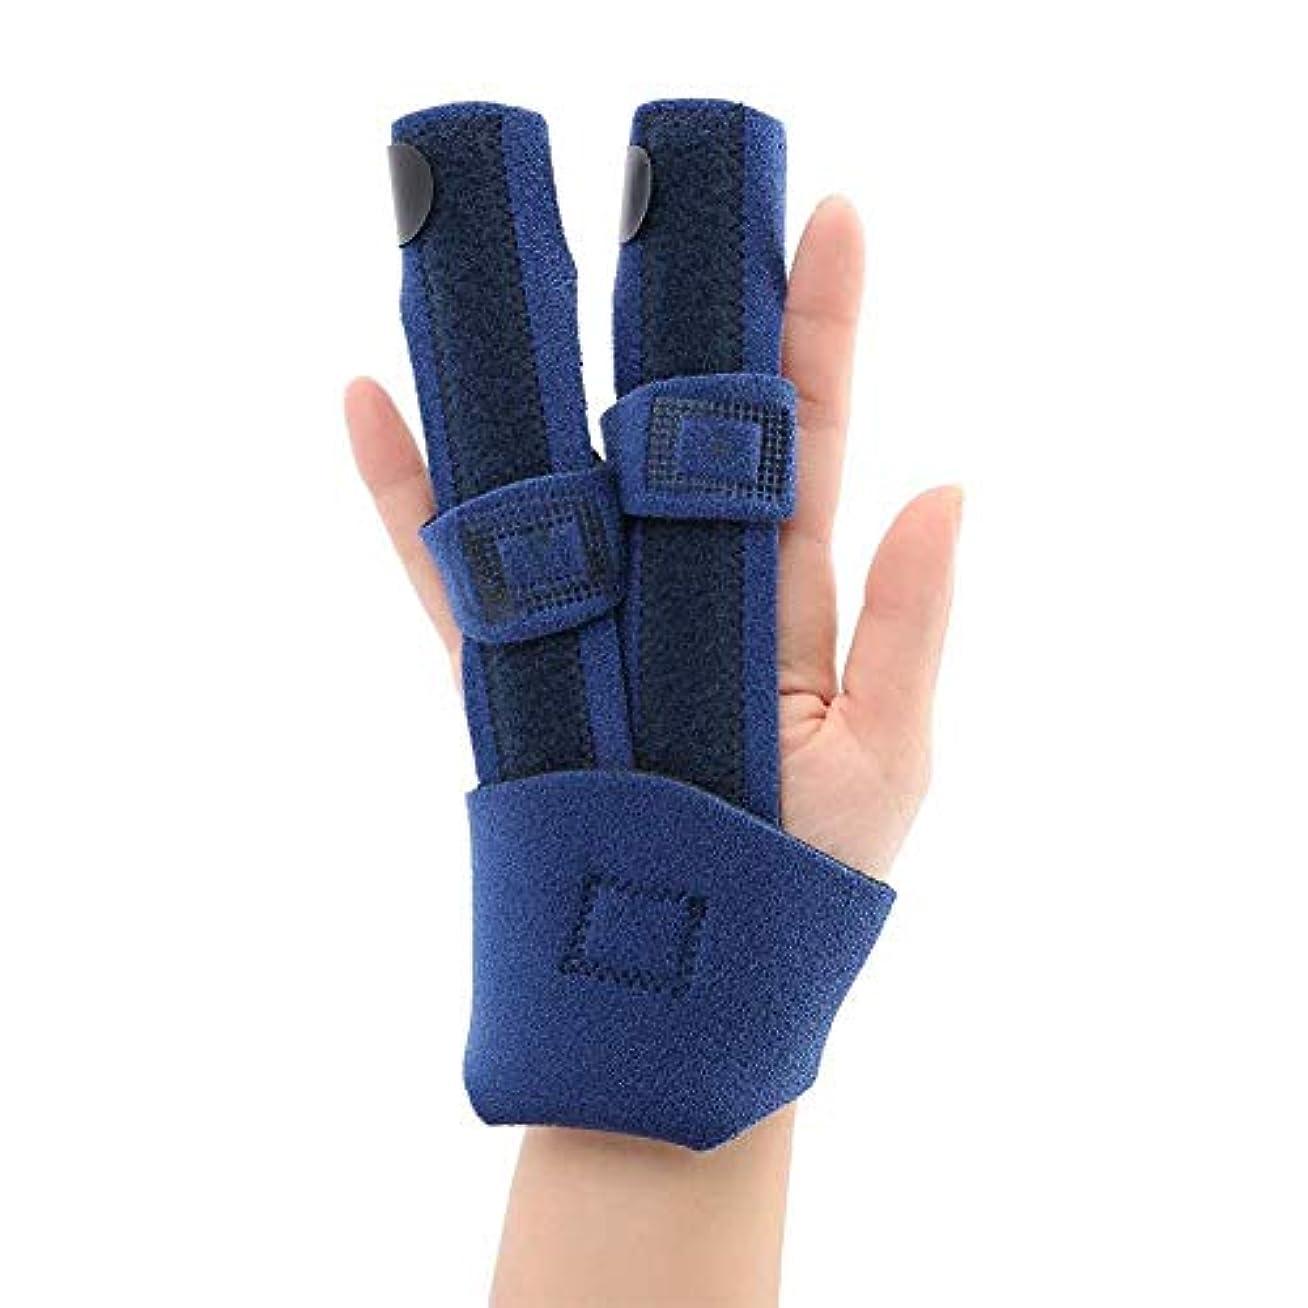 木曜日ガソリン想定指の損傷のサポート、スプリント指の調整可能な指のスプリントサポートスタビライザーサポート捻support指のケアツール